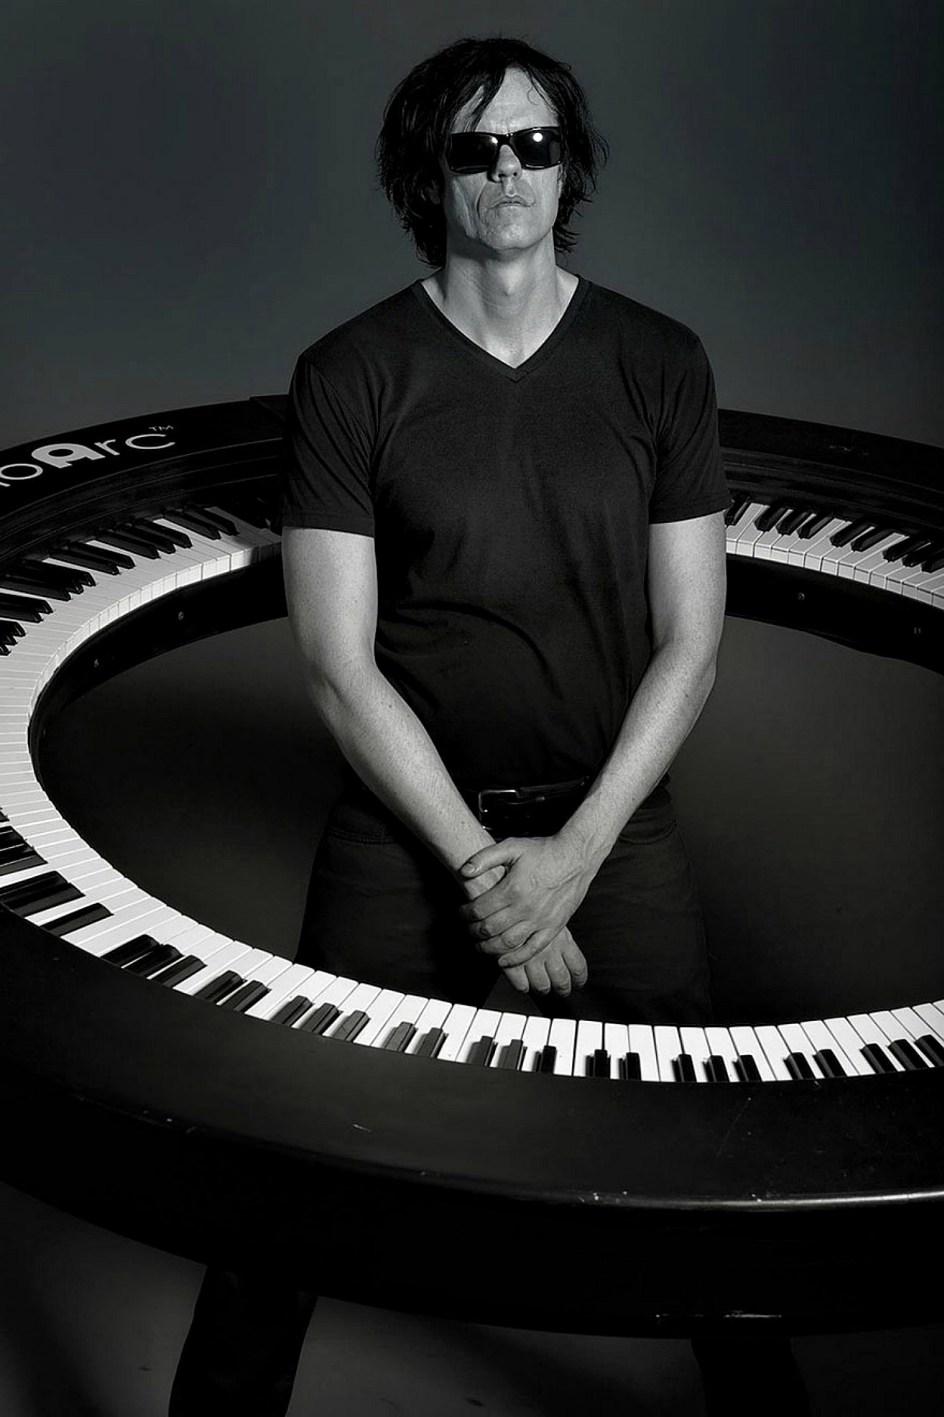 Piano_02